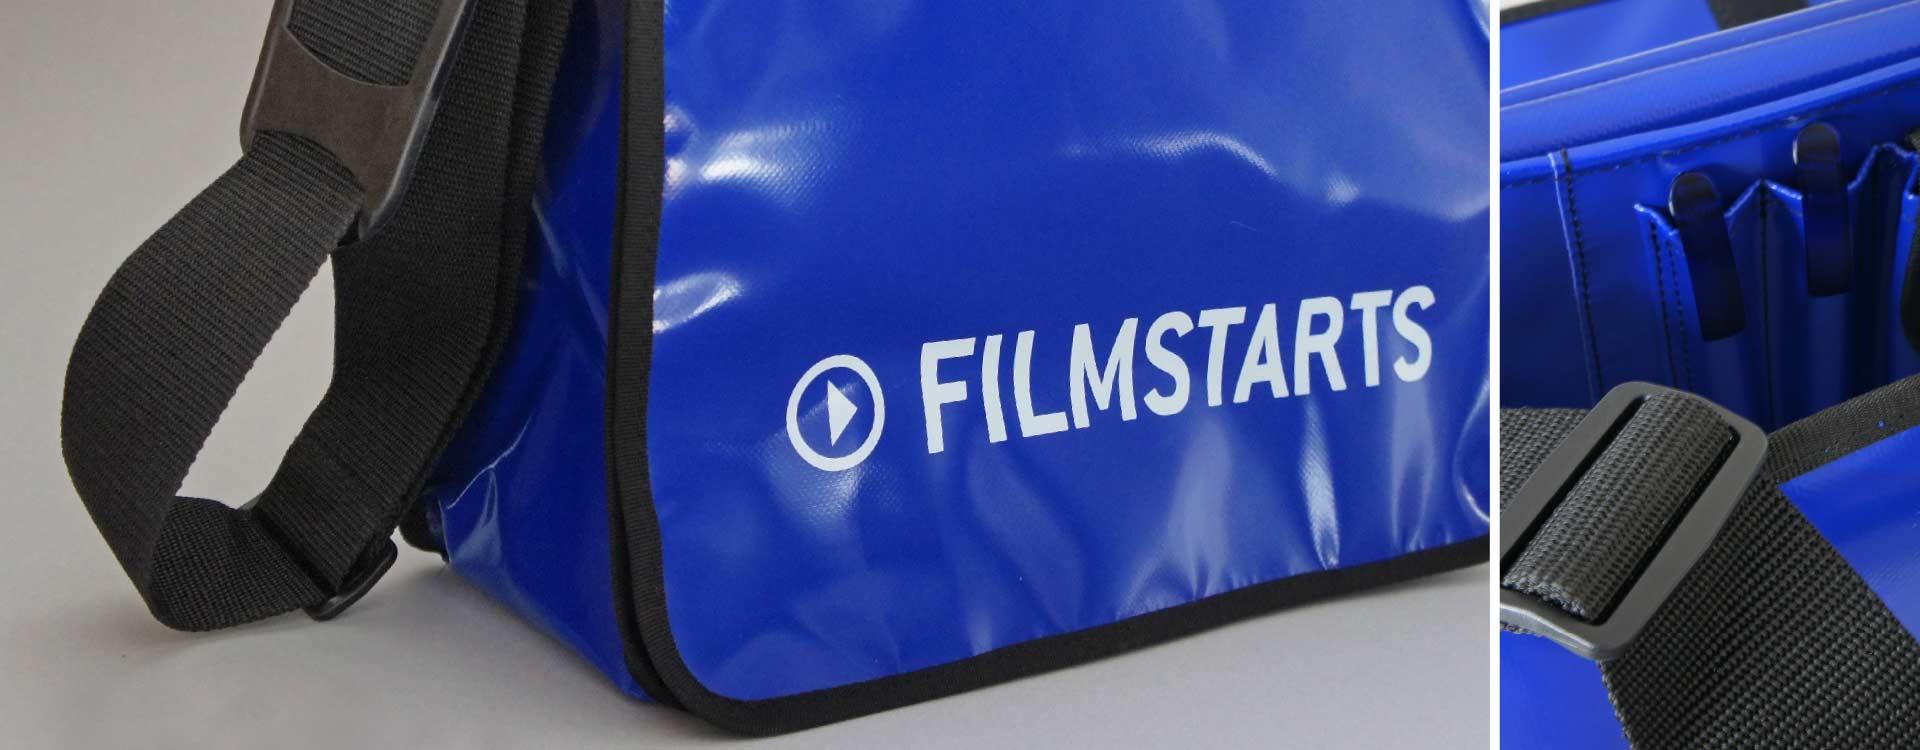 Bag for Filmstarts